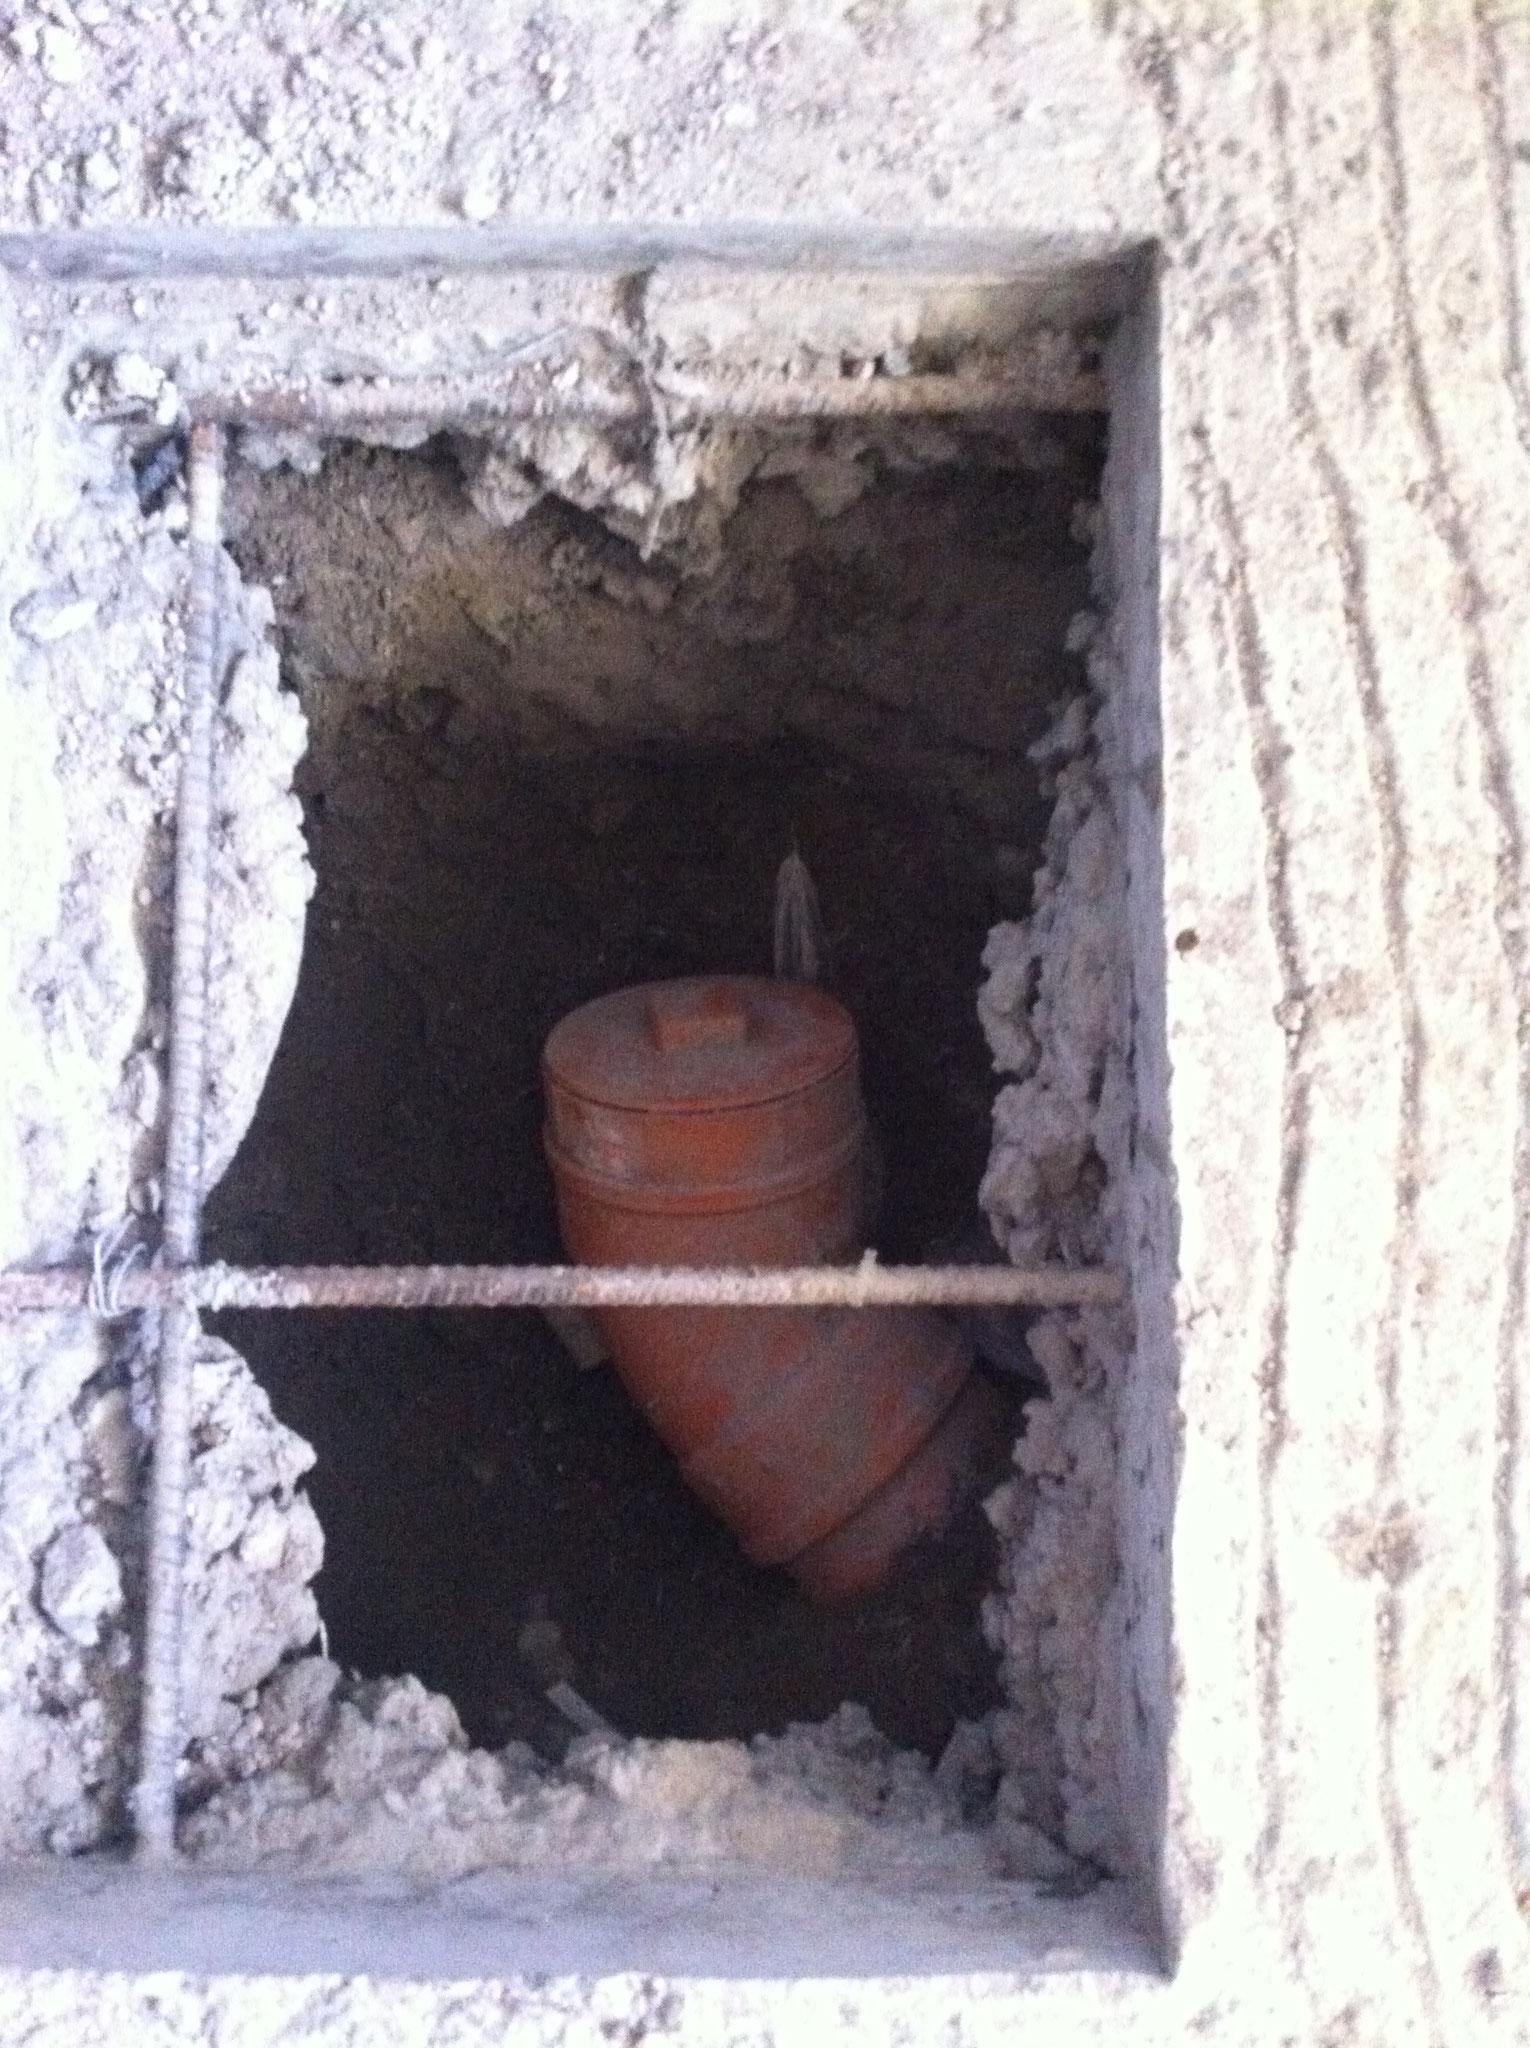 Später kommt hier die Wc Schüssel, Pvc Rohr ca.30cm von Wand weg und Muffe erst provisorisch montieren